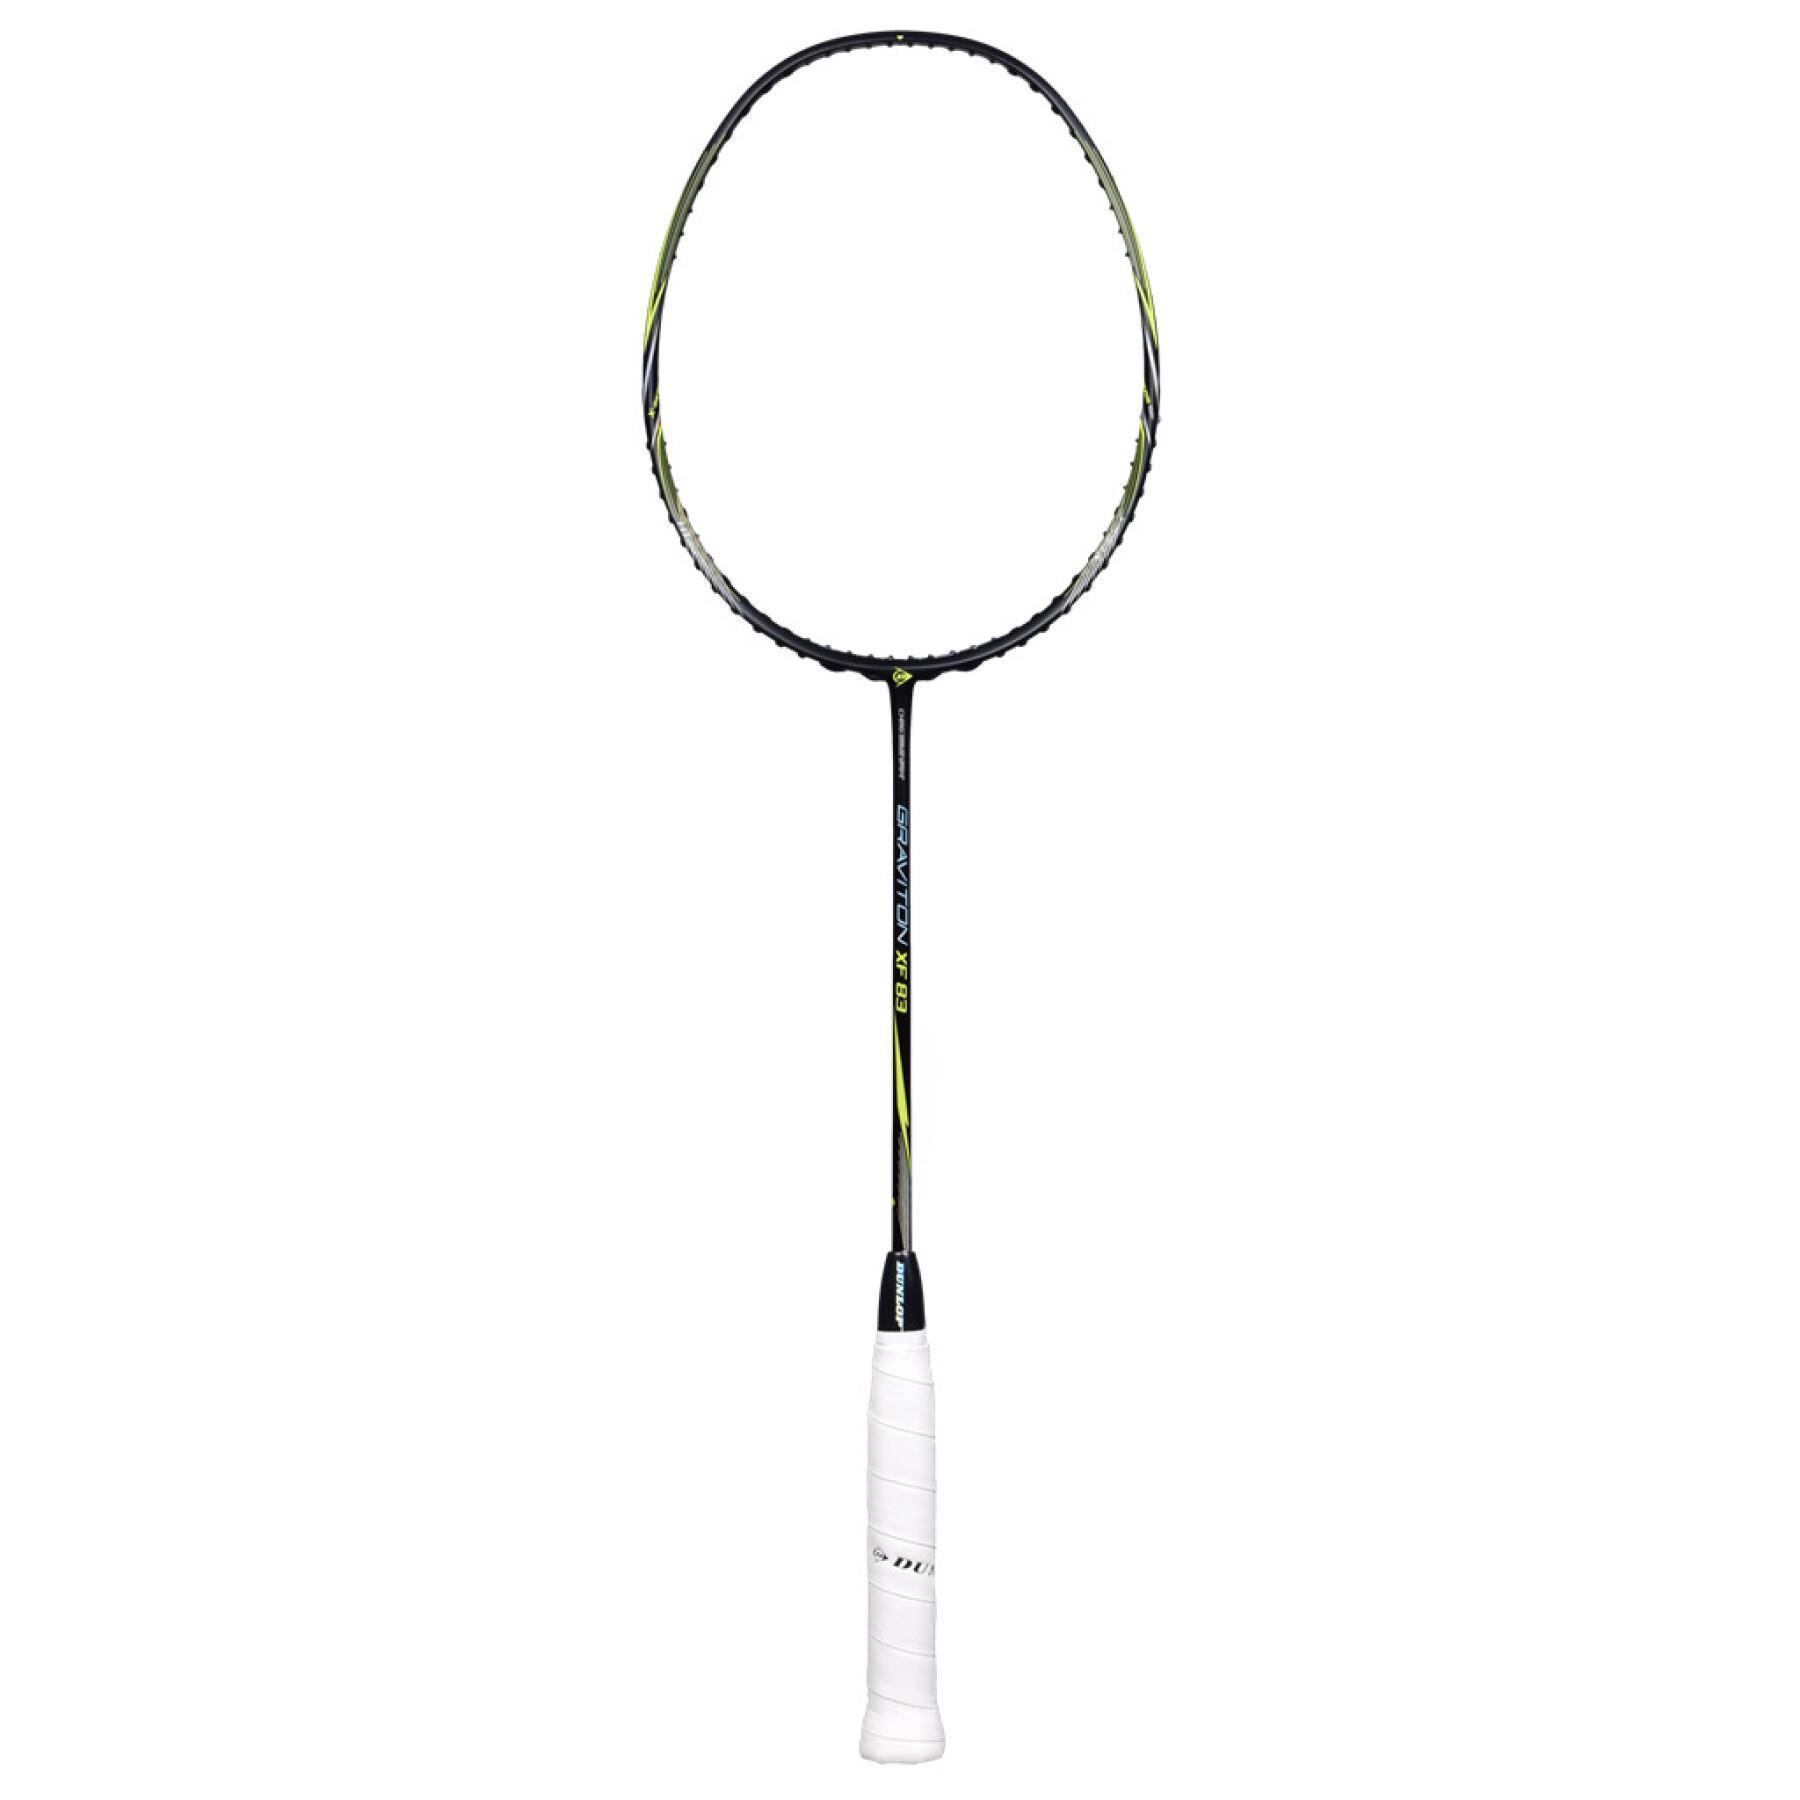 Racket Dunlop graviton xf 83